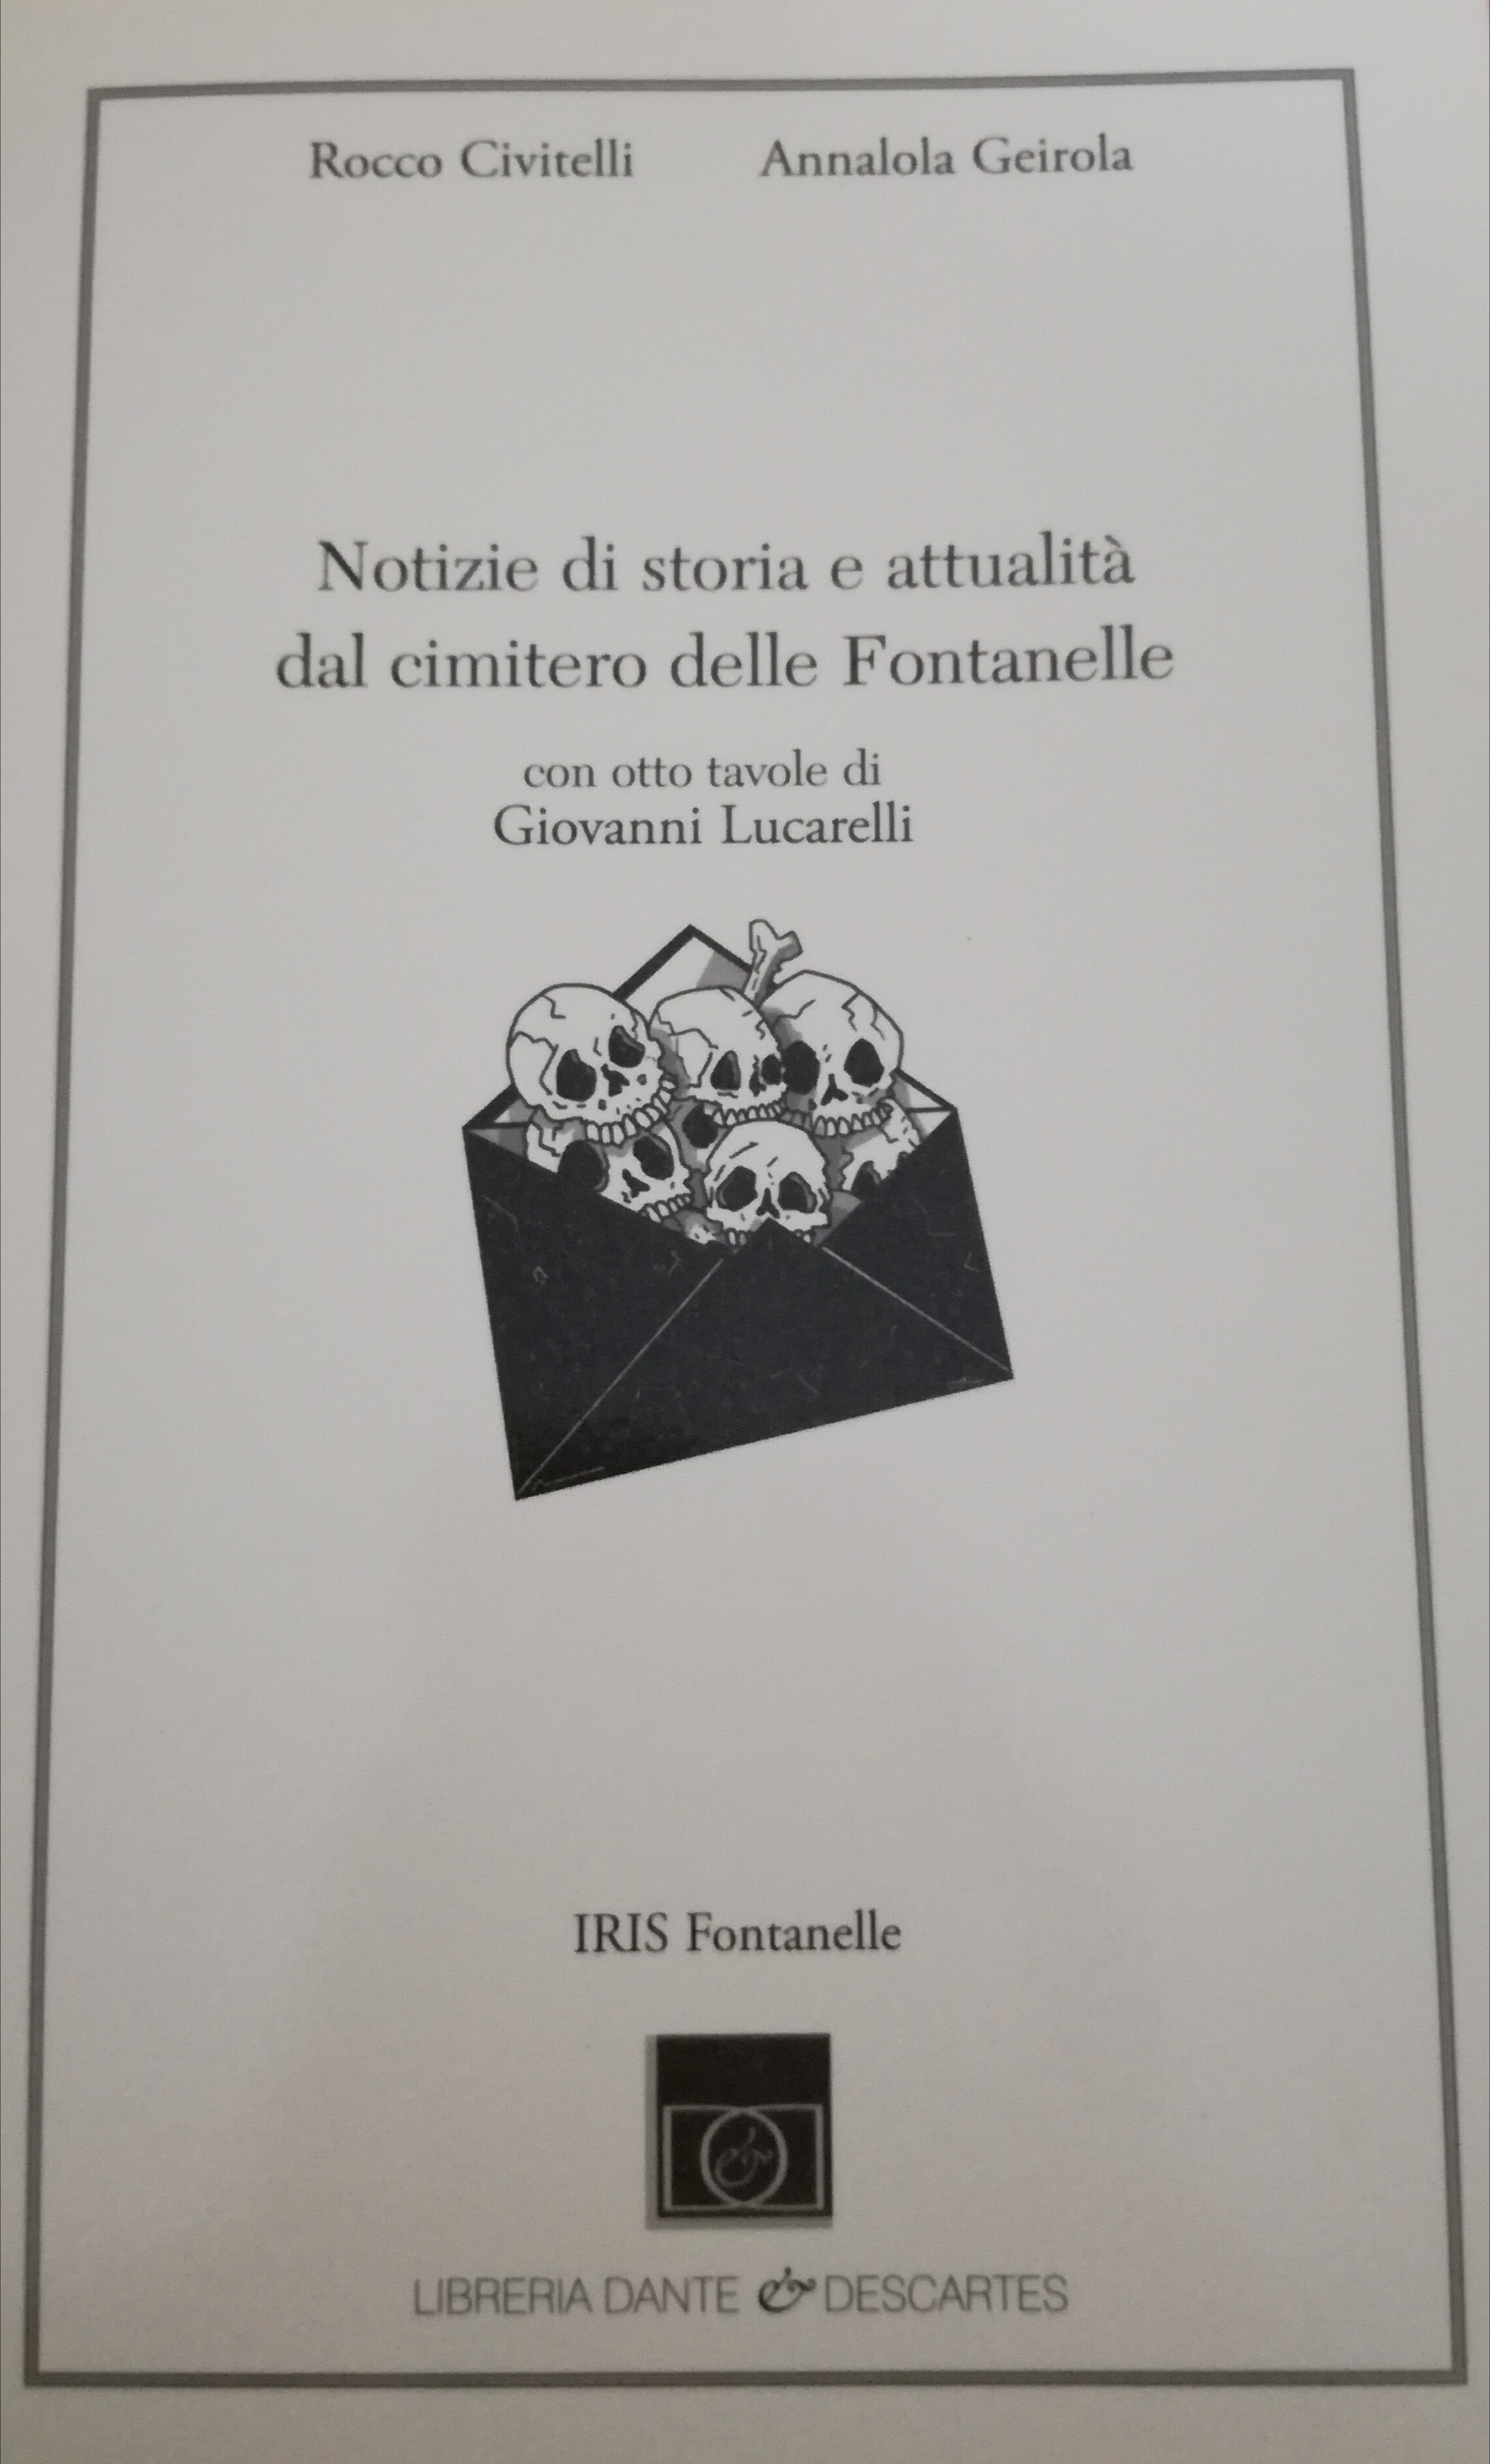 Notizie di storia e attualità dal cimitero delle Fontanelle